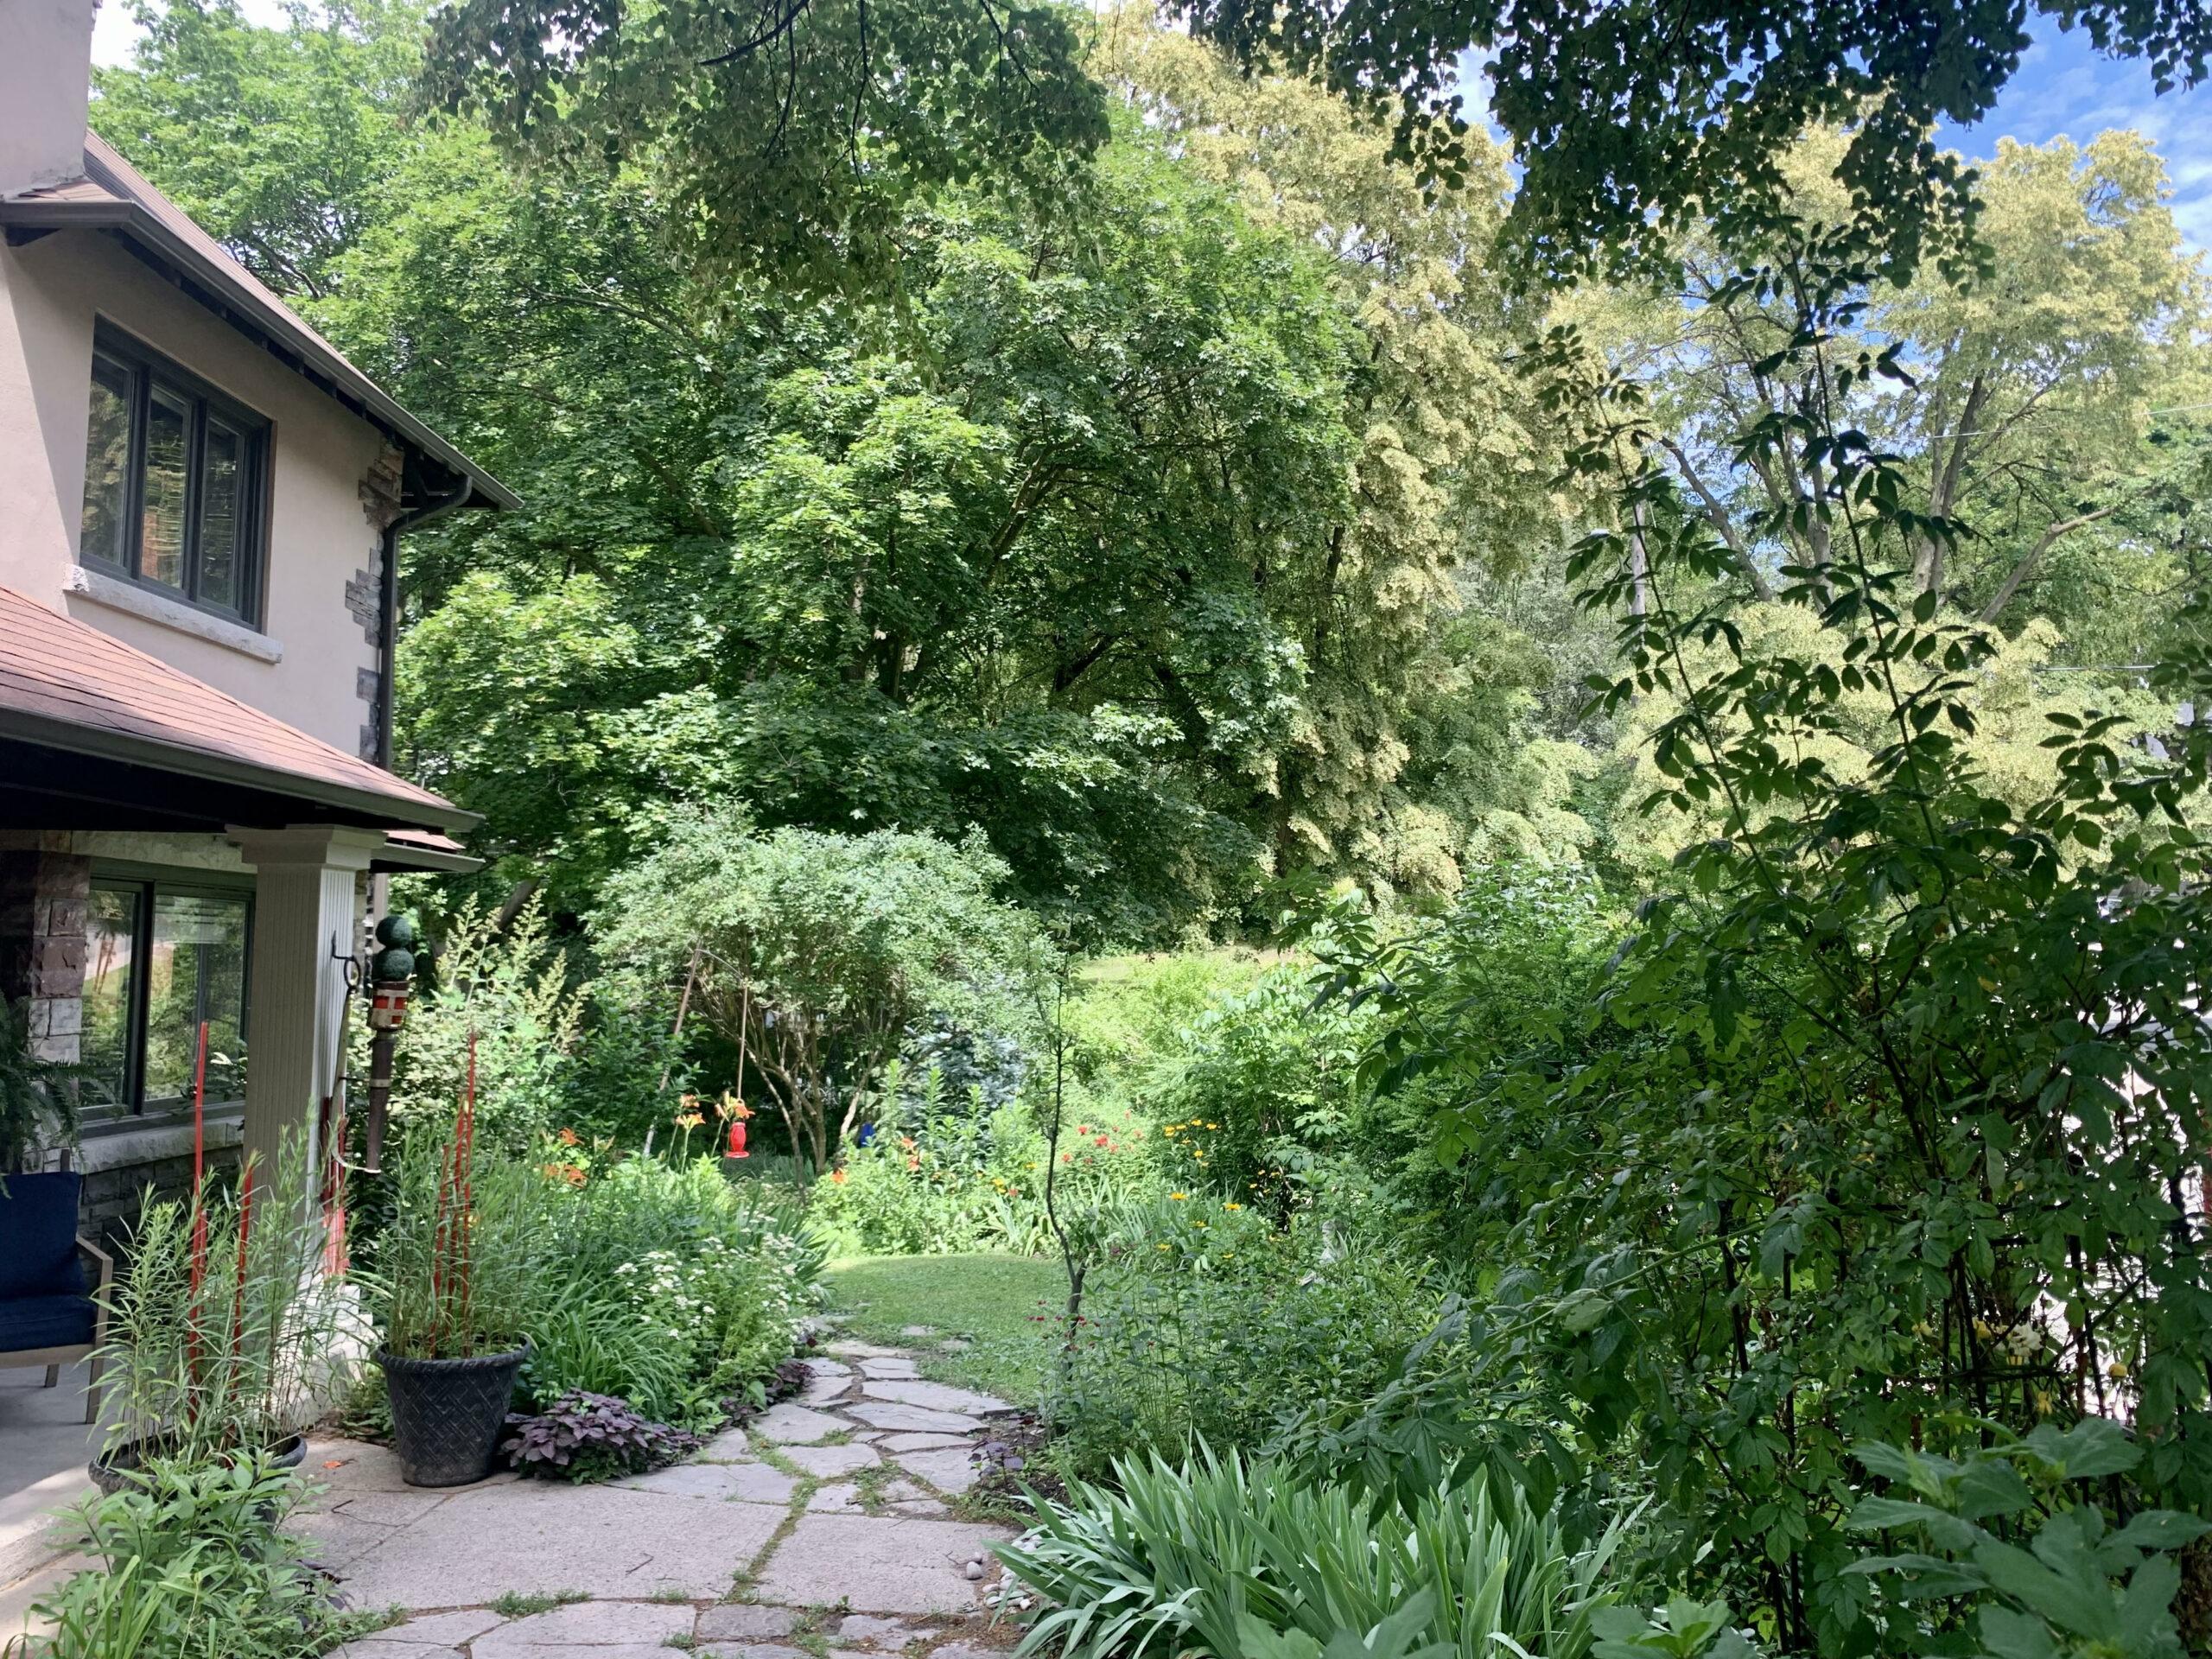 side garden full of greenery